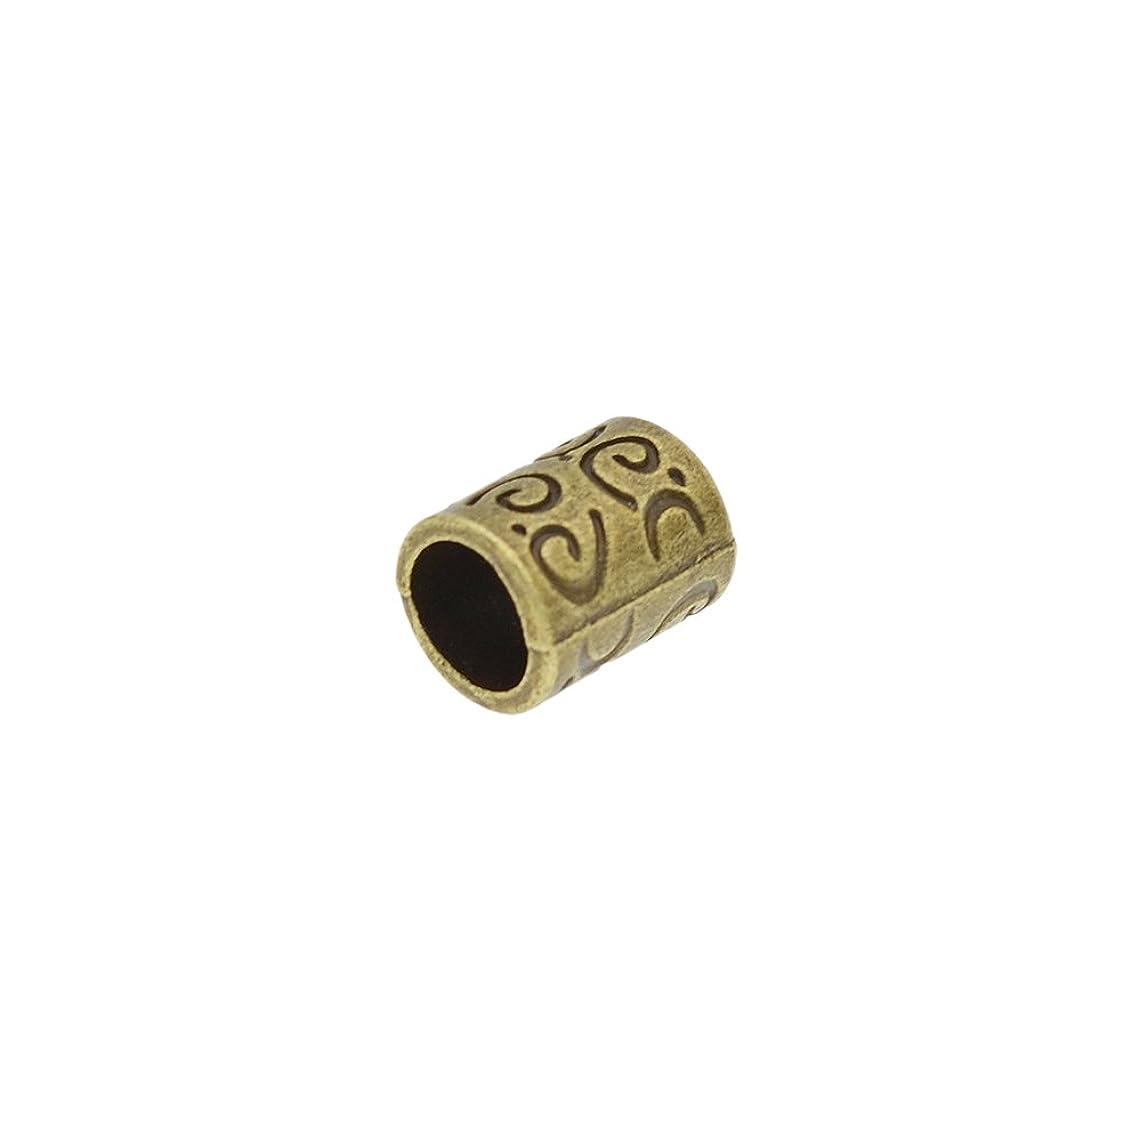 起業家ガソリン発言する(ライチ) Lychee 10個セット ドレッドロックス カフ シンプル アンティーク調 髪飾り 三つ編み ラッパー レゲエ ヒップホップ 内径0.58cm 長さ1cm